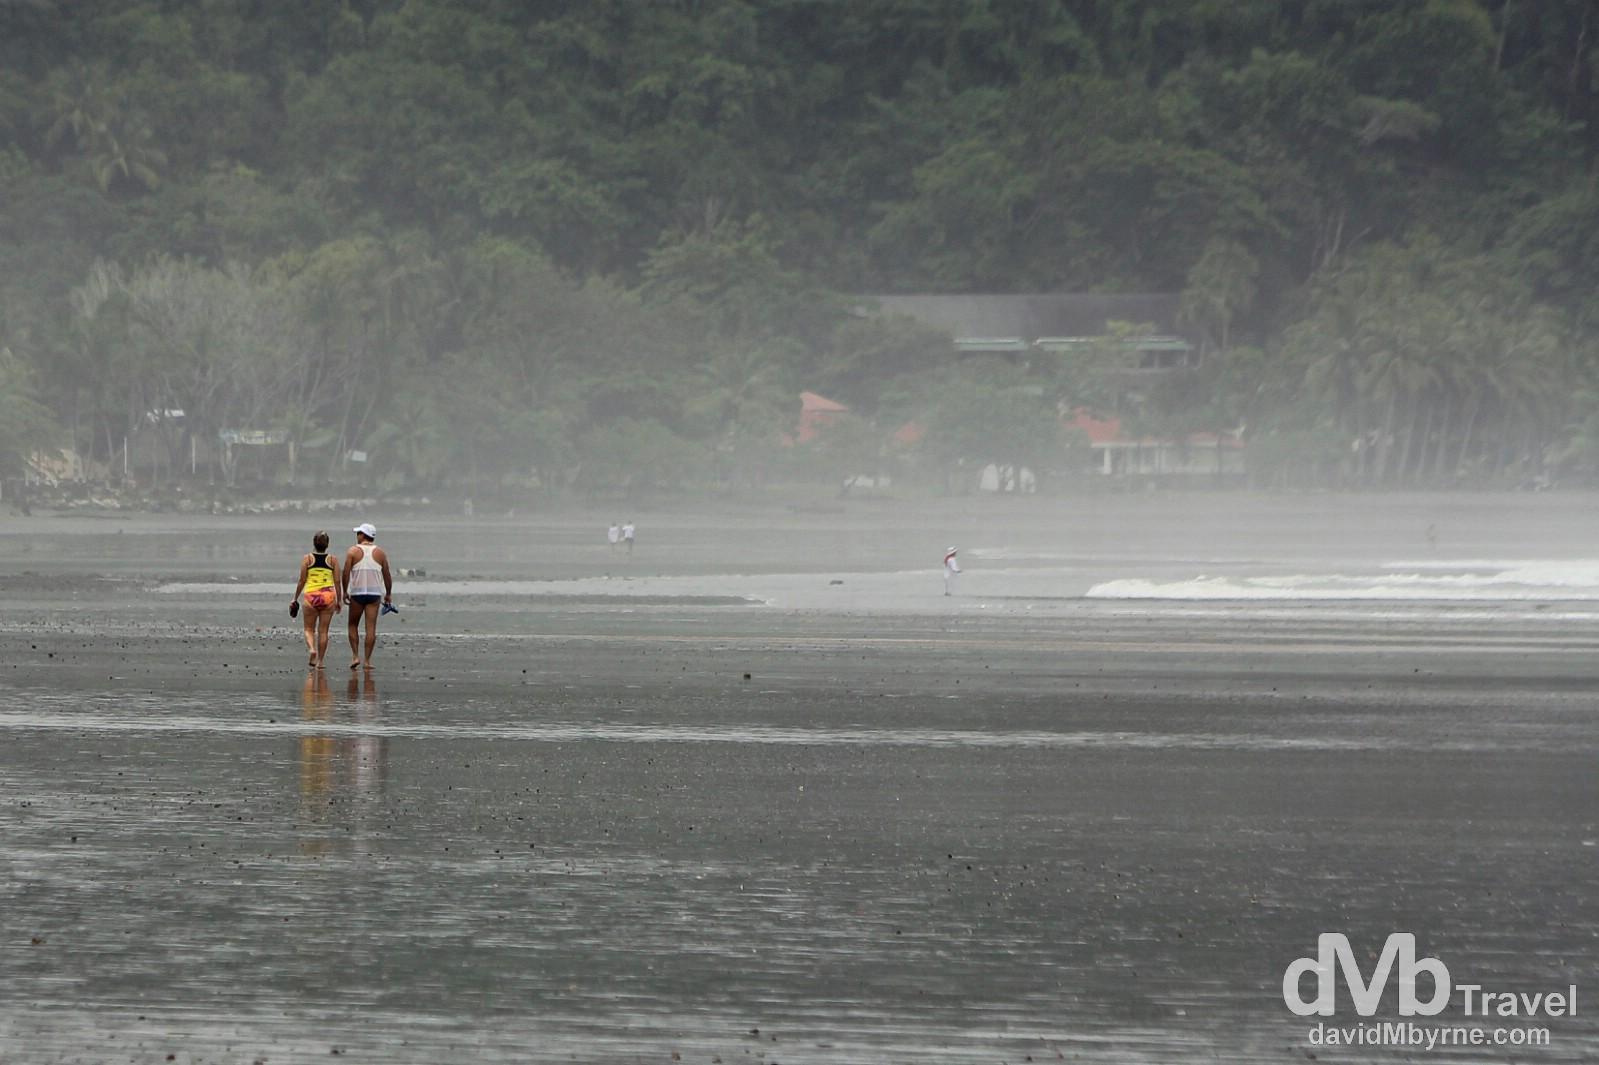 Jaco, Costa Rica, Central America